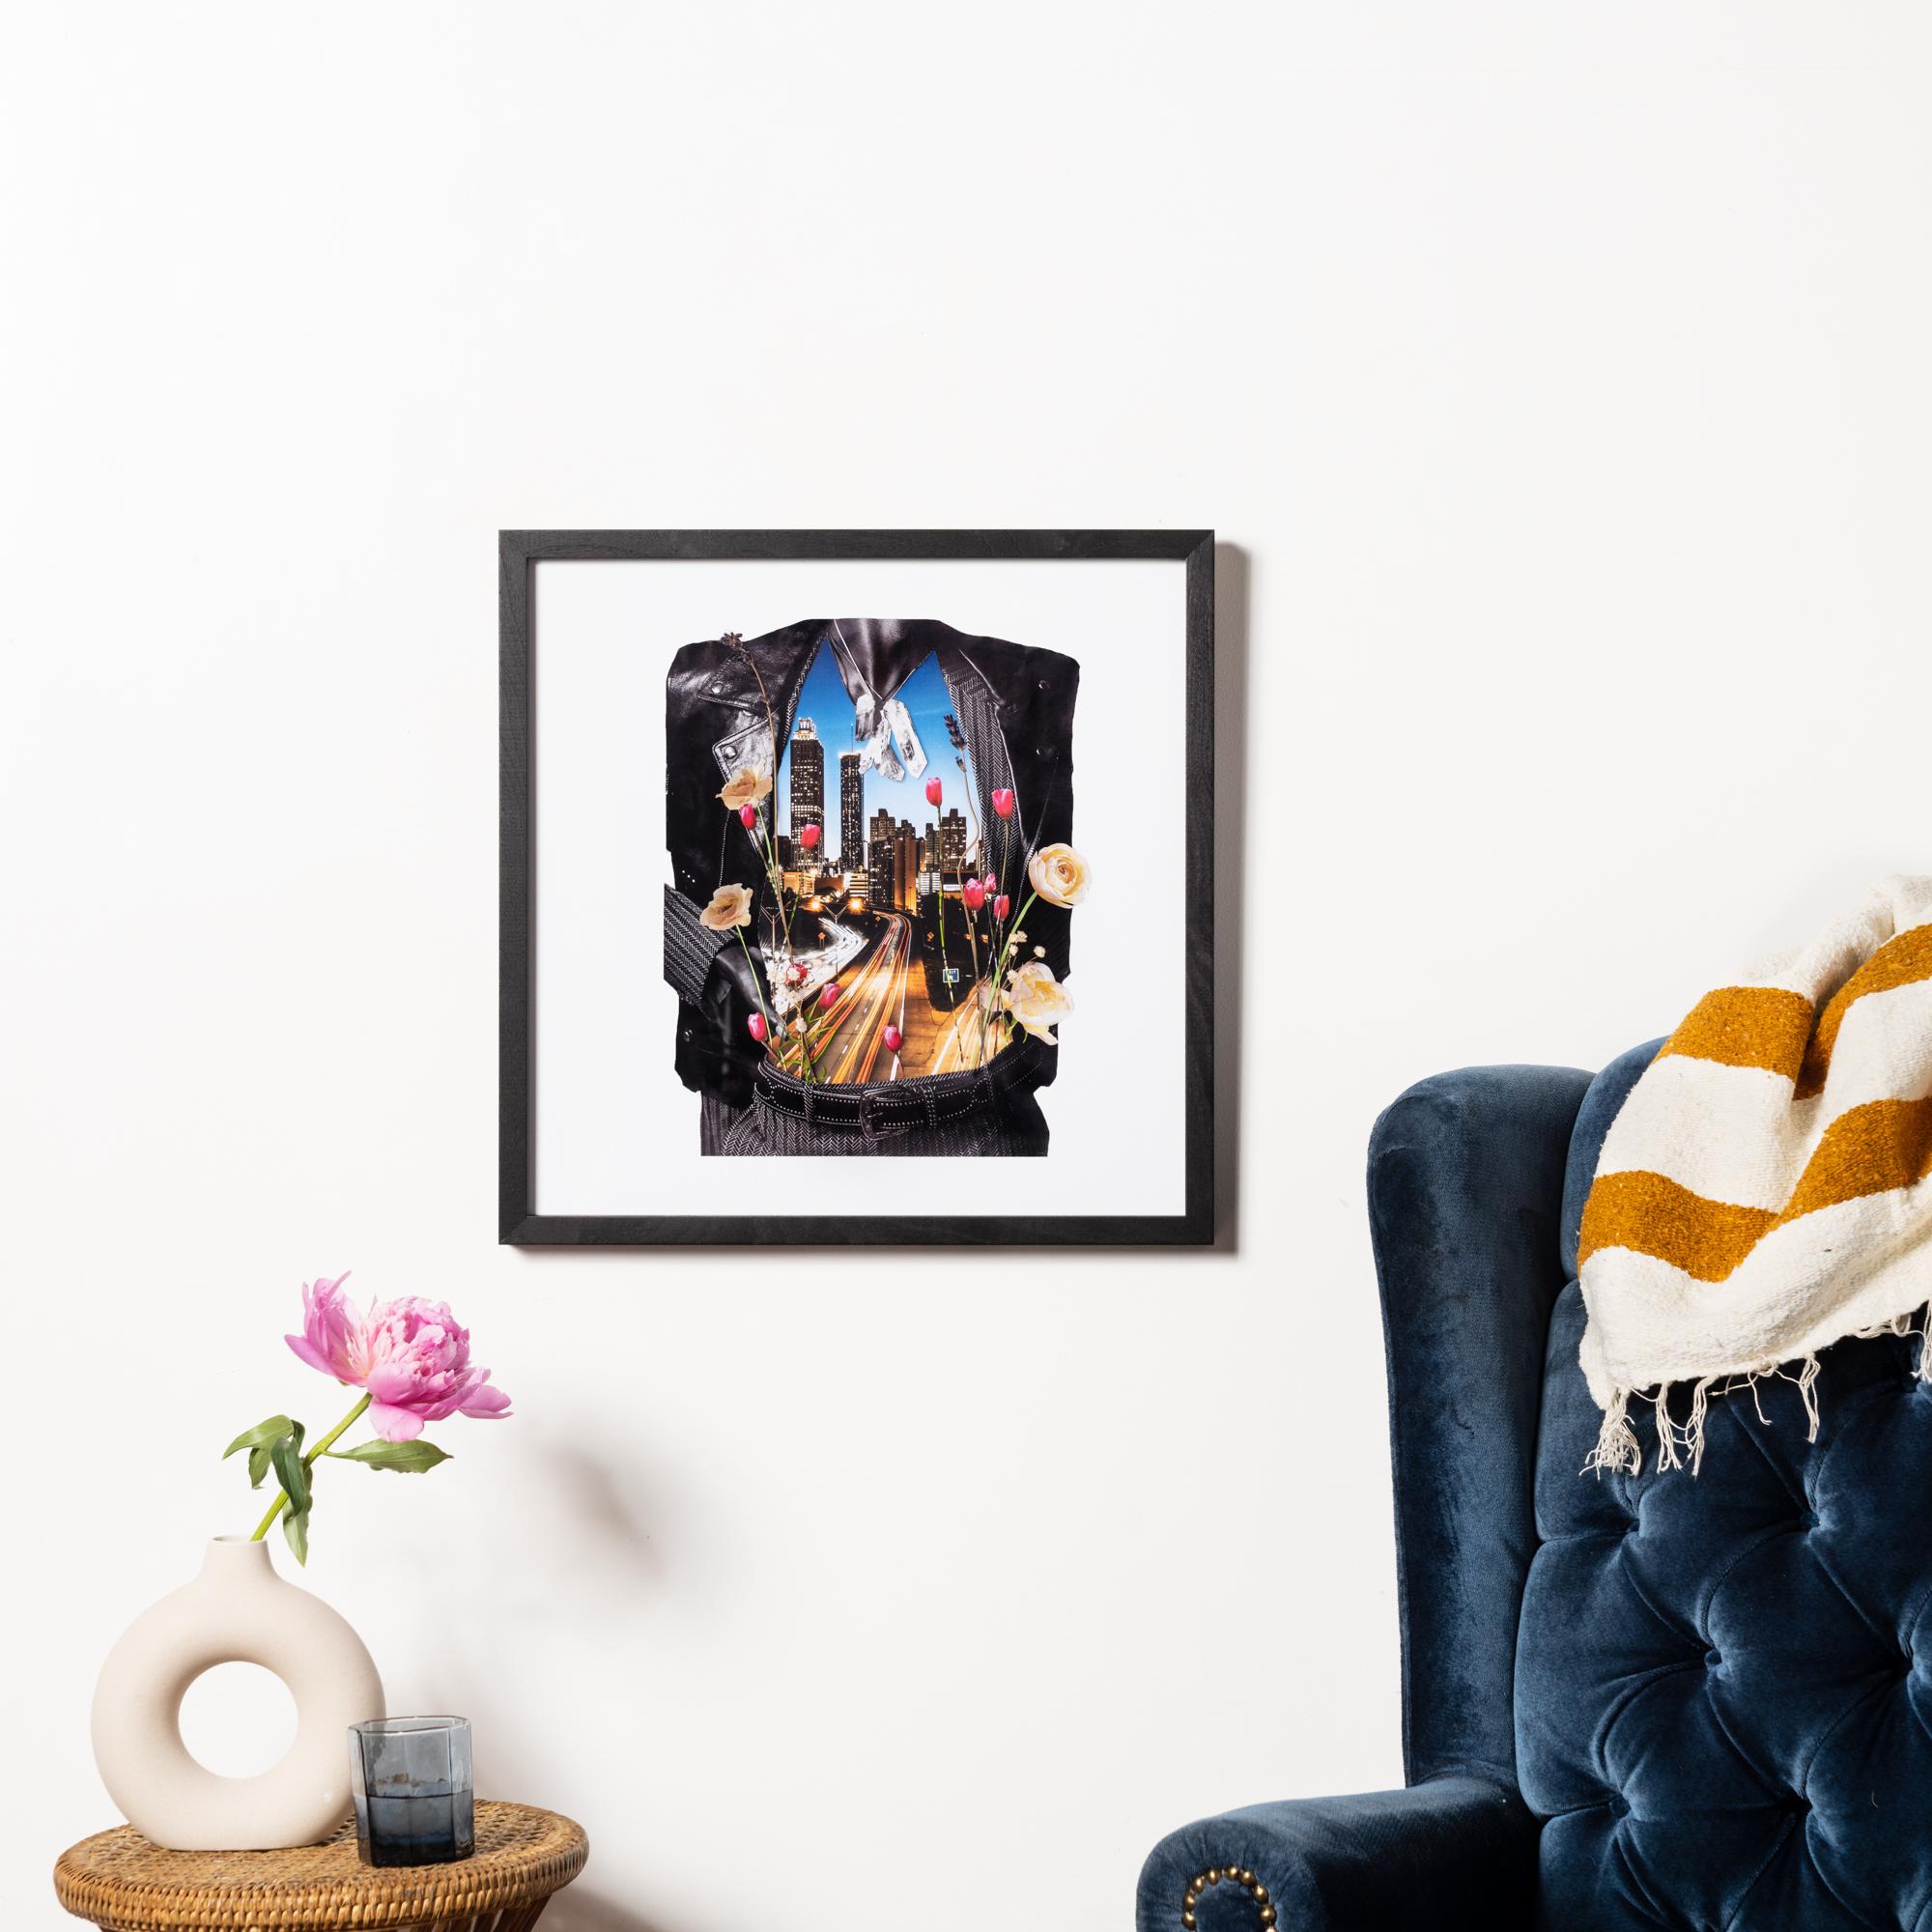 Framebridge Black Artists Print Shop Marryam Moma The Road Home framed print black walnut gallery frame